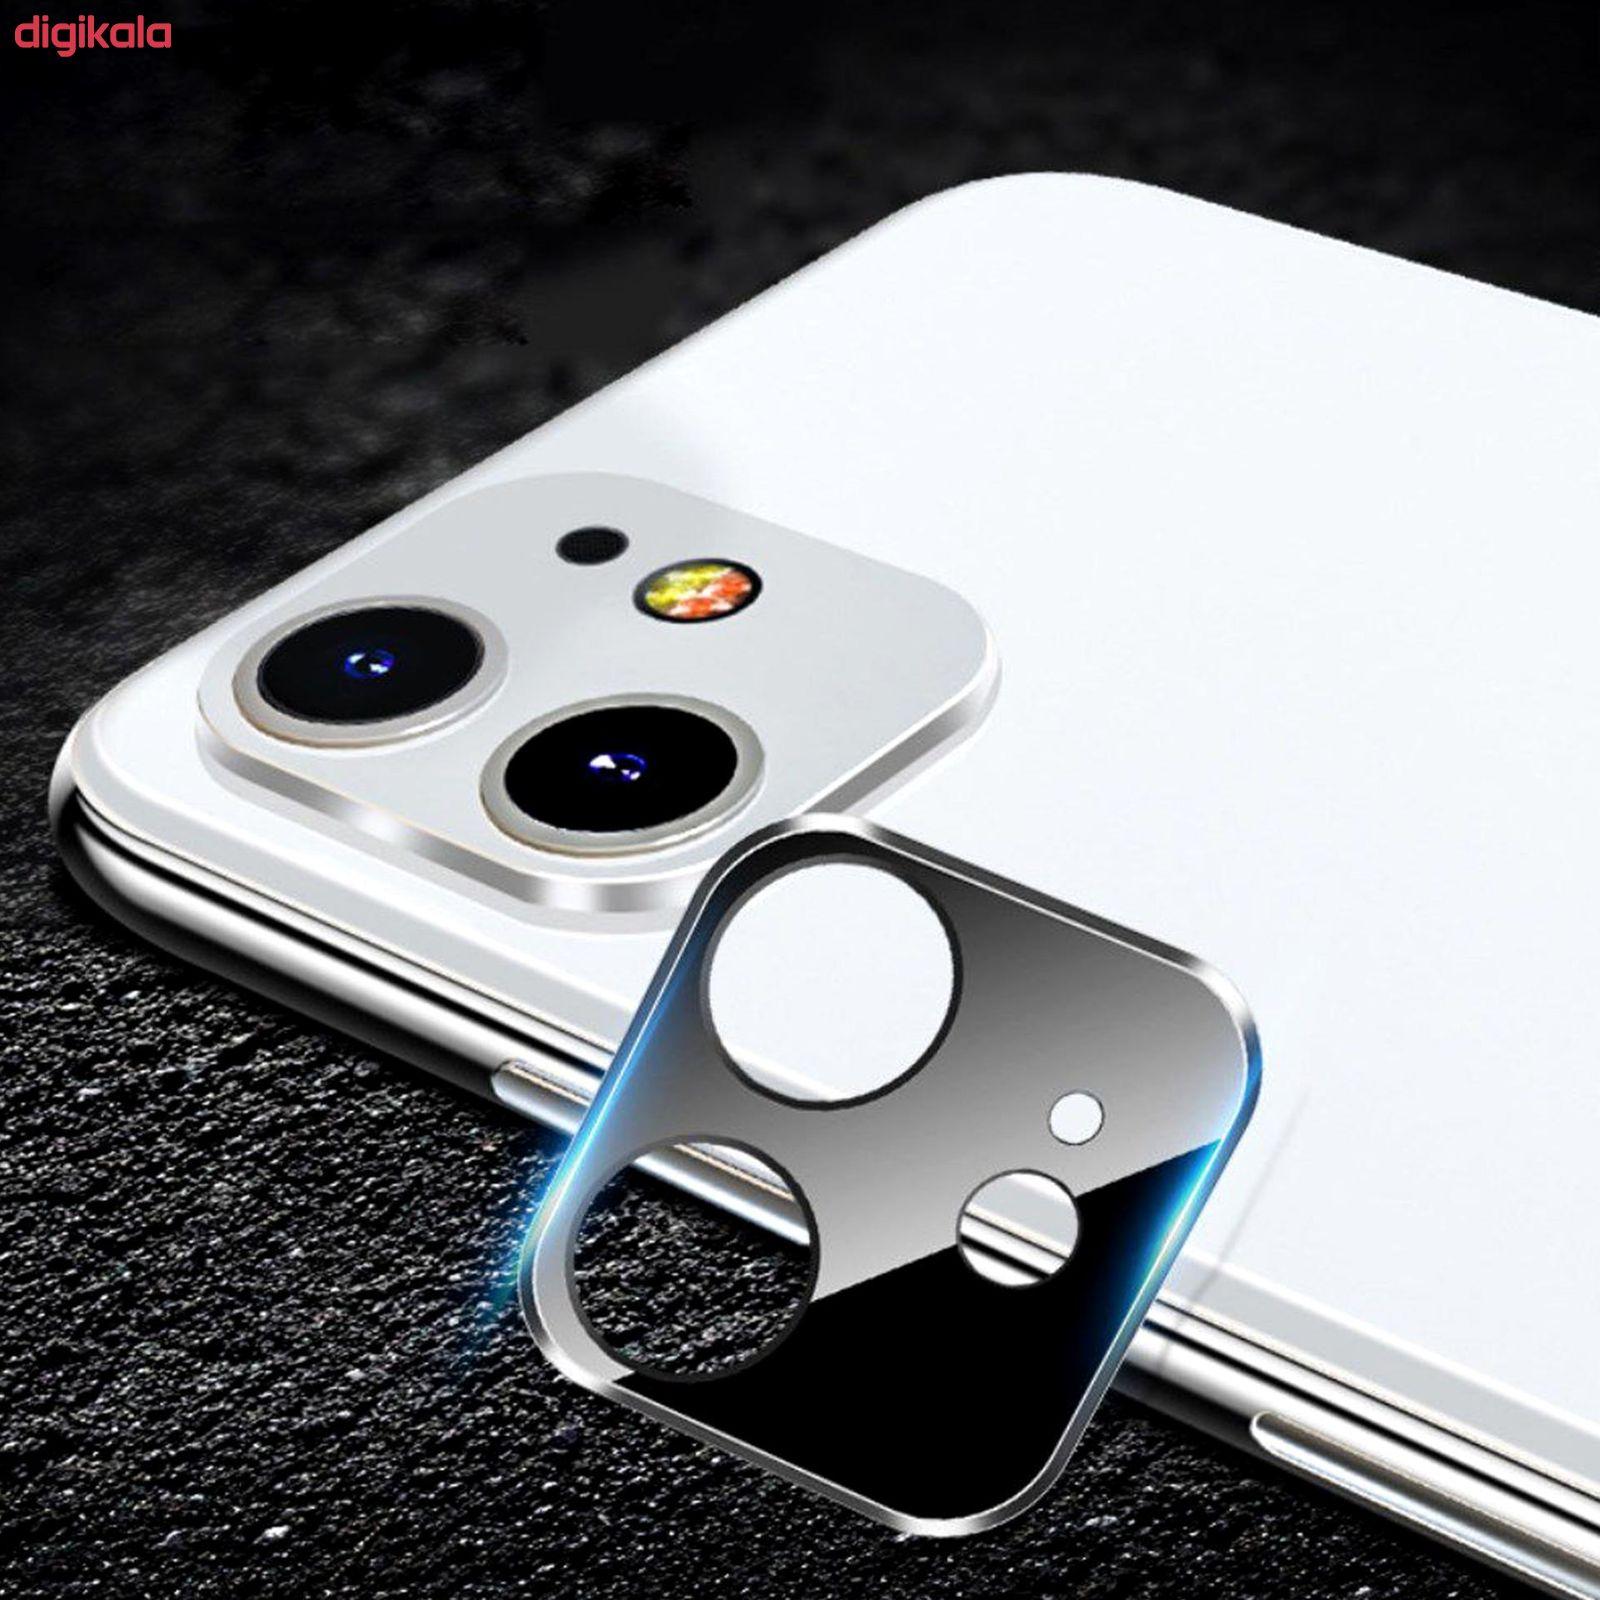 محافظ لنز دوربین راک مدل 3DSLP مناسب برای گوشی موبایل اپل iPhone 11 بسته دو عددی main 1 5